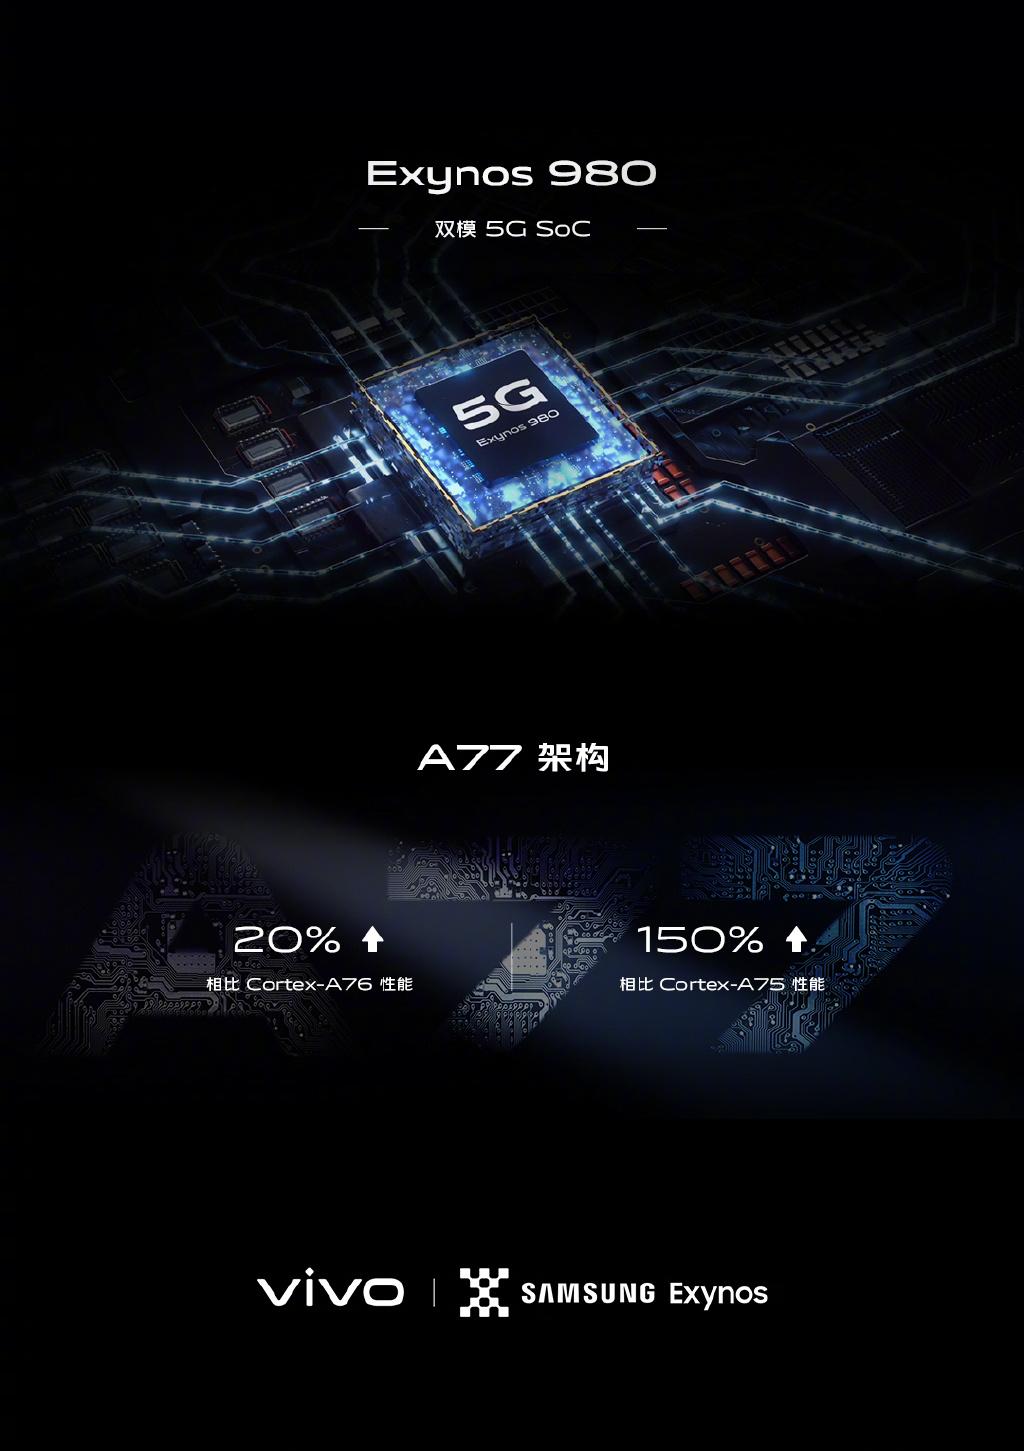 vivo S6评测:5G时代的自拍利器